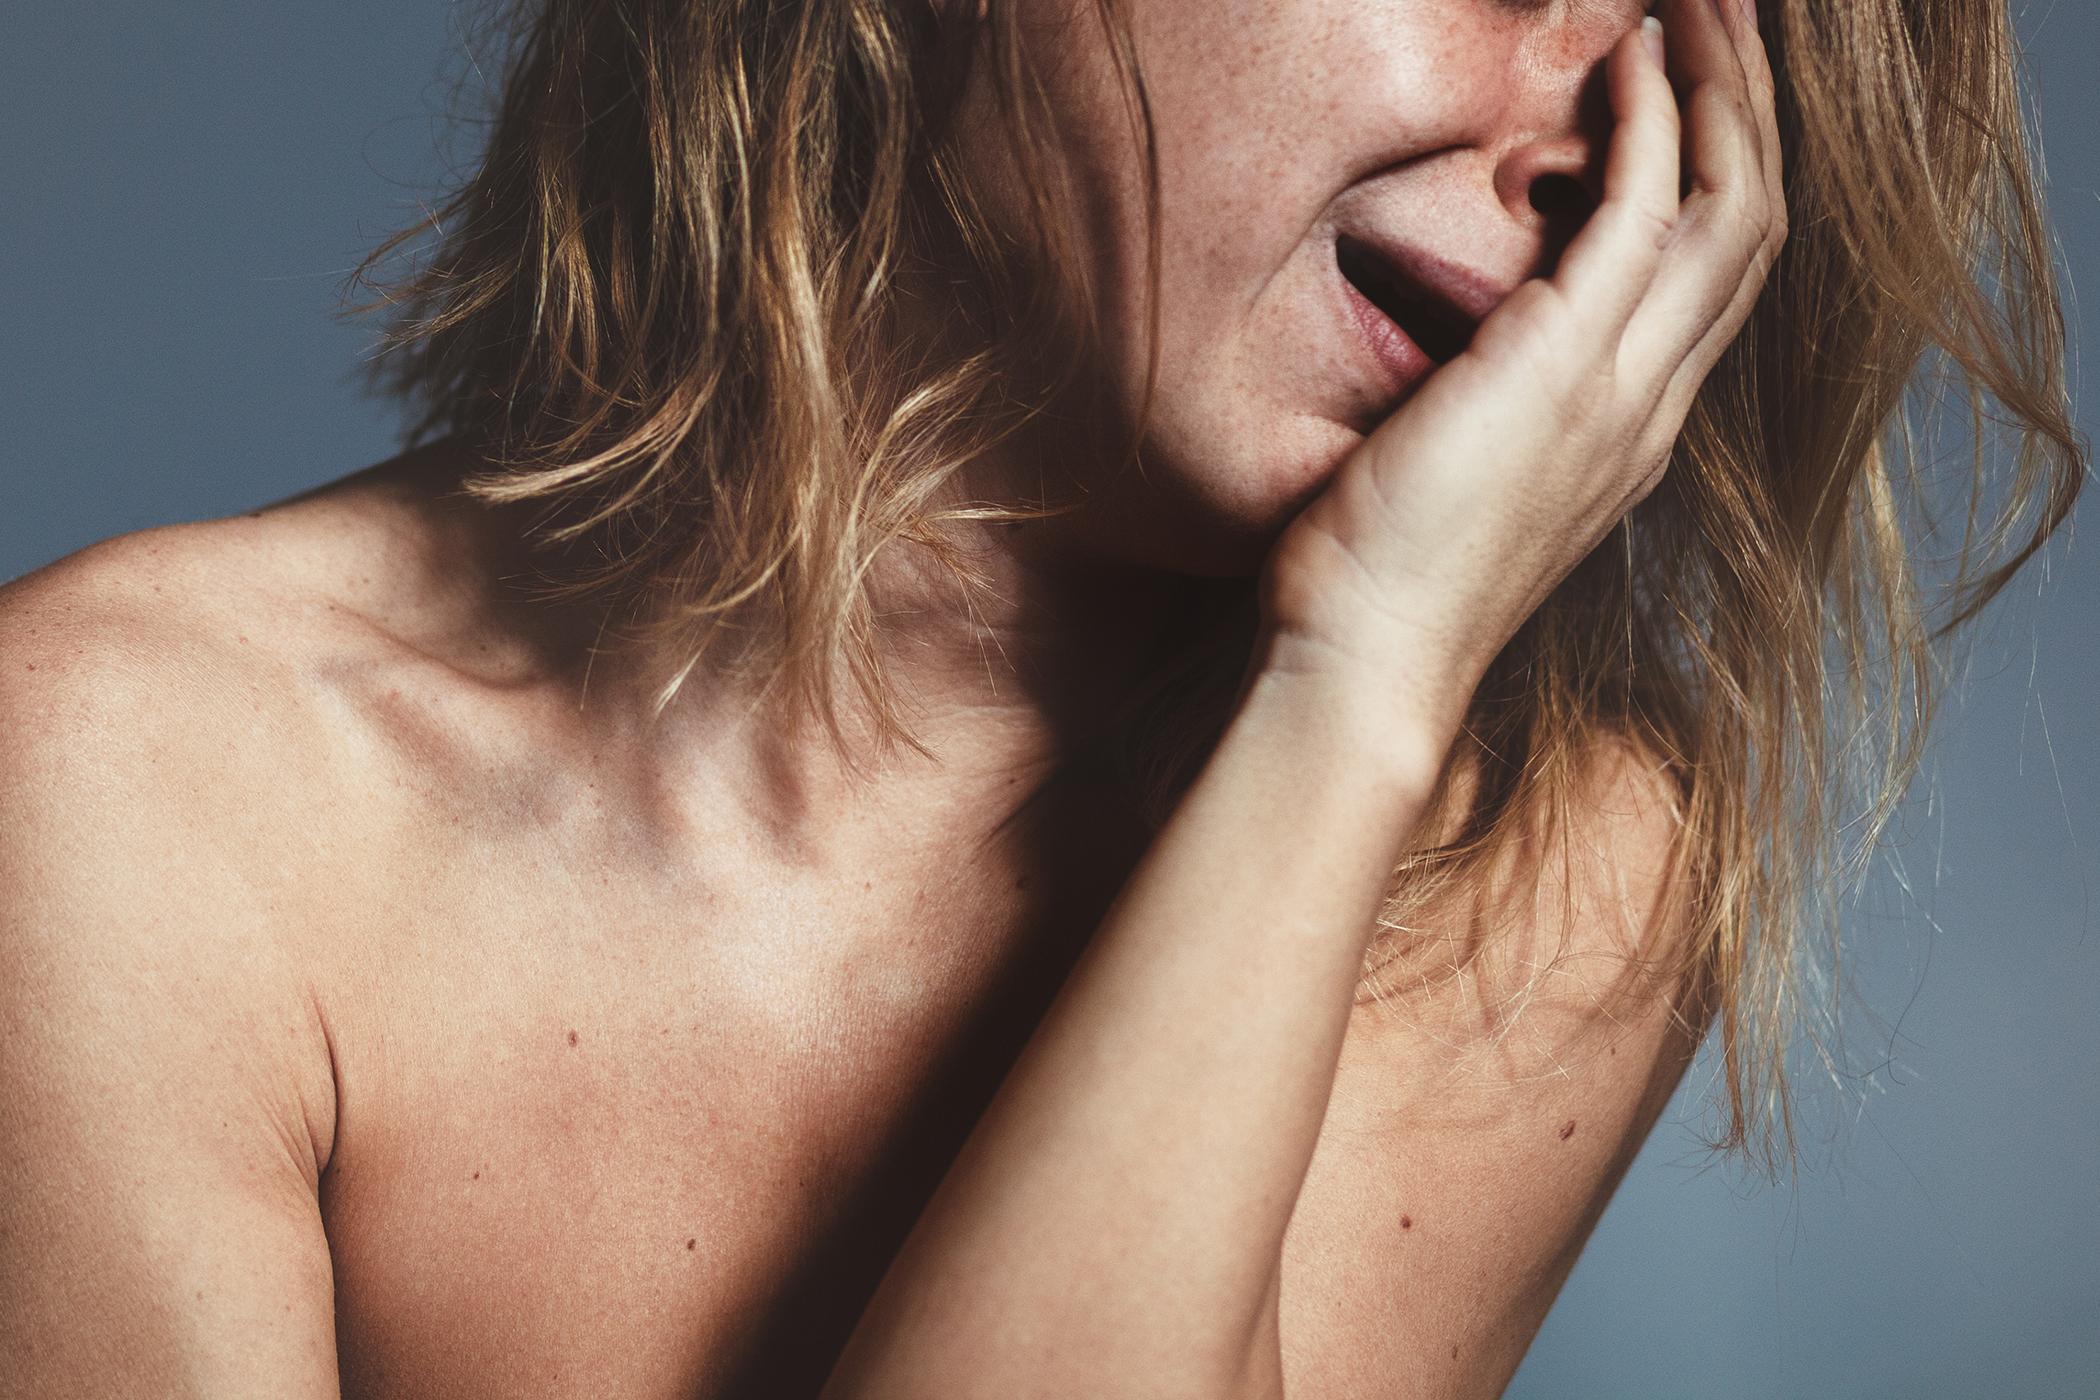 piszkos anális szex pornó